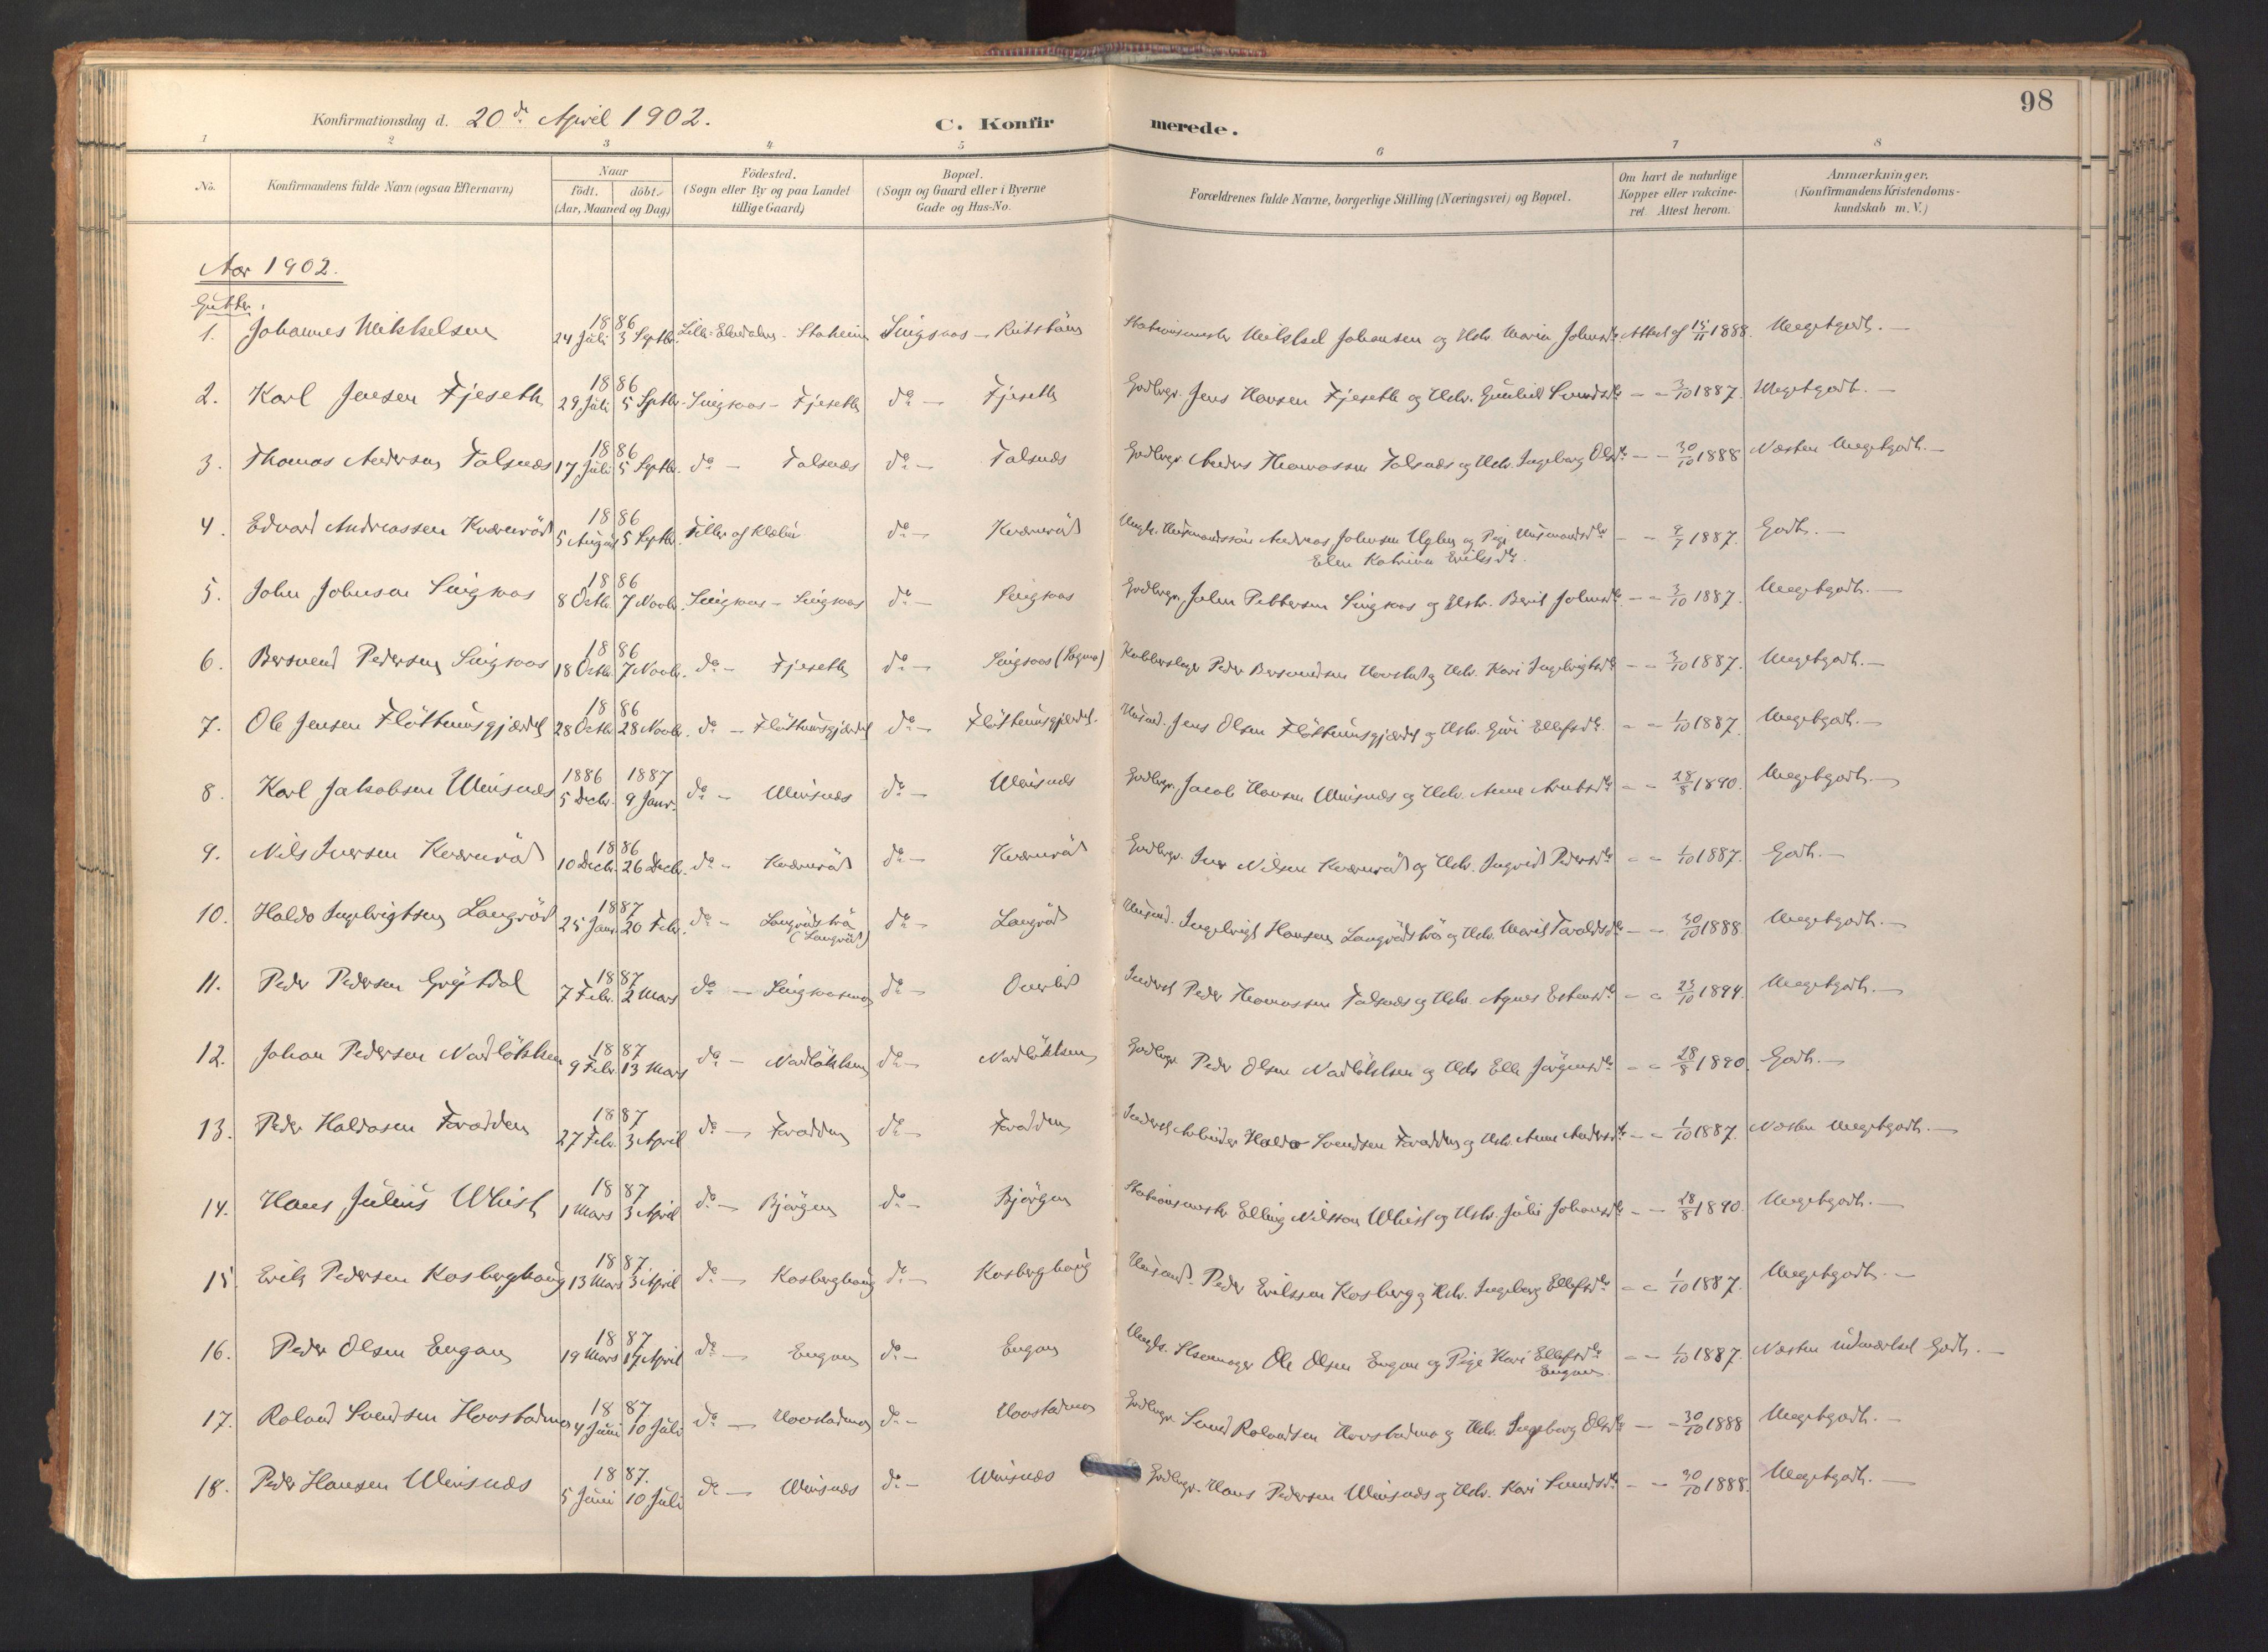 SAT, Ministerialprotokoller, klokkerbøker og fødselsregistre - Sør-Trøndelag, 688/L1025: Ministerialbok nr. 688A02, 1891-1909, s. 98